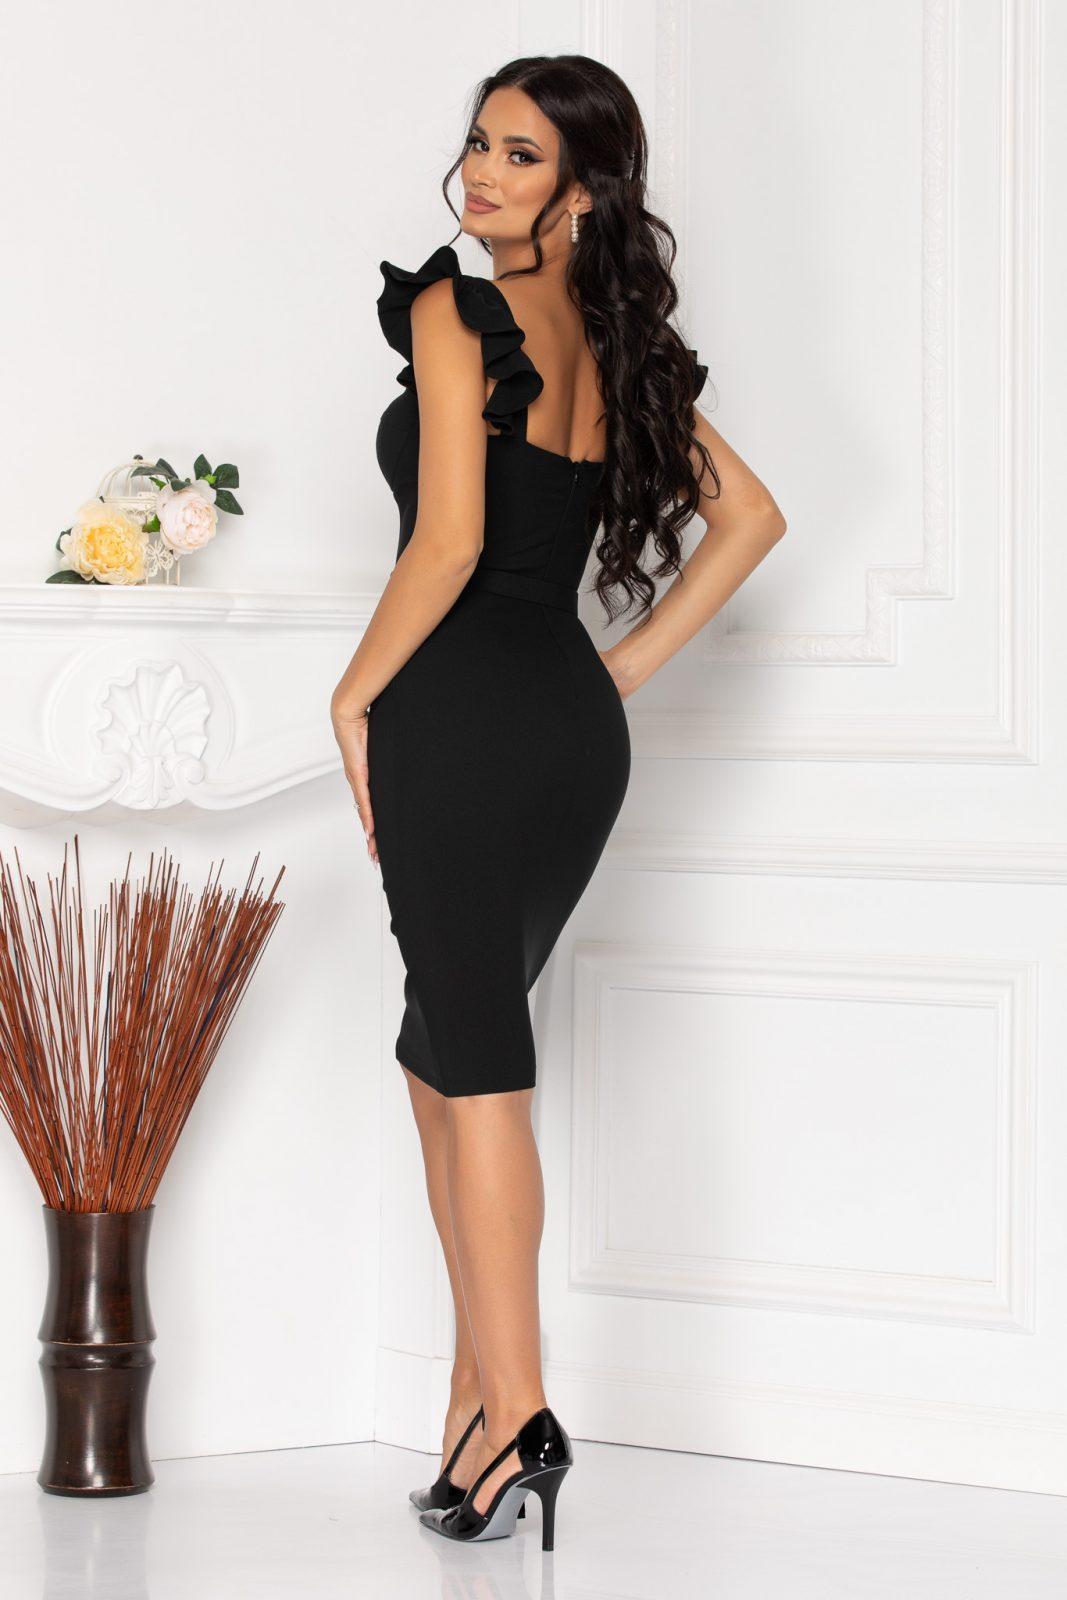 Μίντι Μαύρο Βραδινό Φόρεμα Beatrix 7979 1